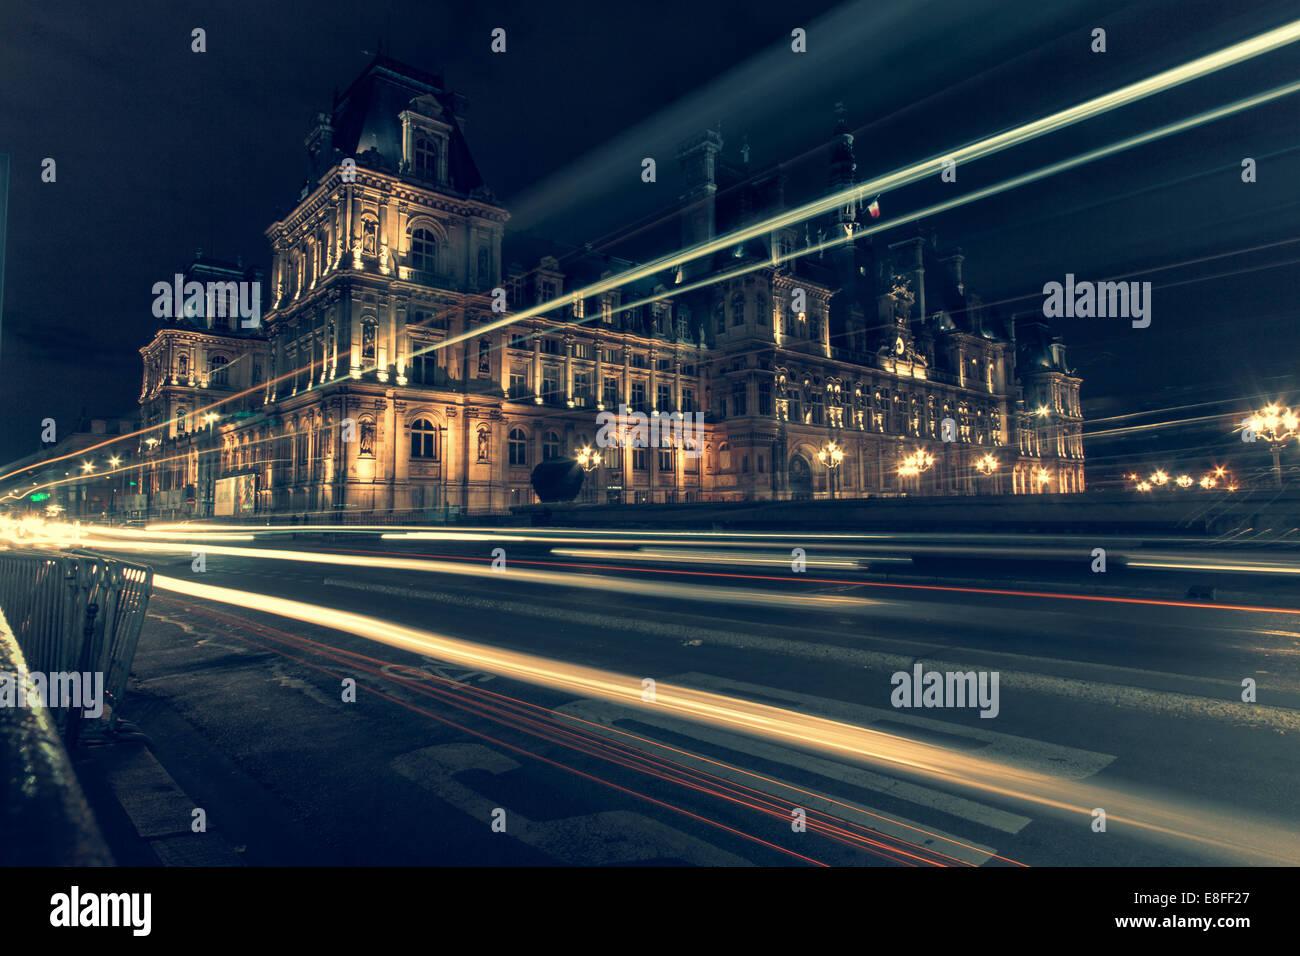 Les sentiers à travers la lumière ville de nuit, Paris, France Photo Stock